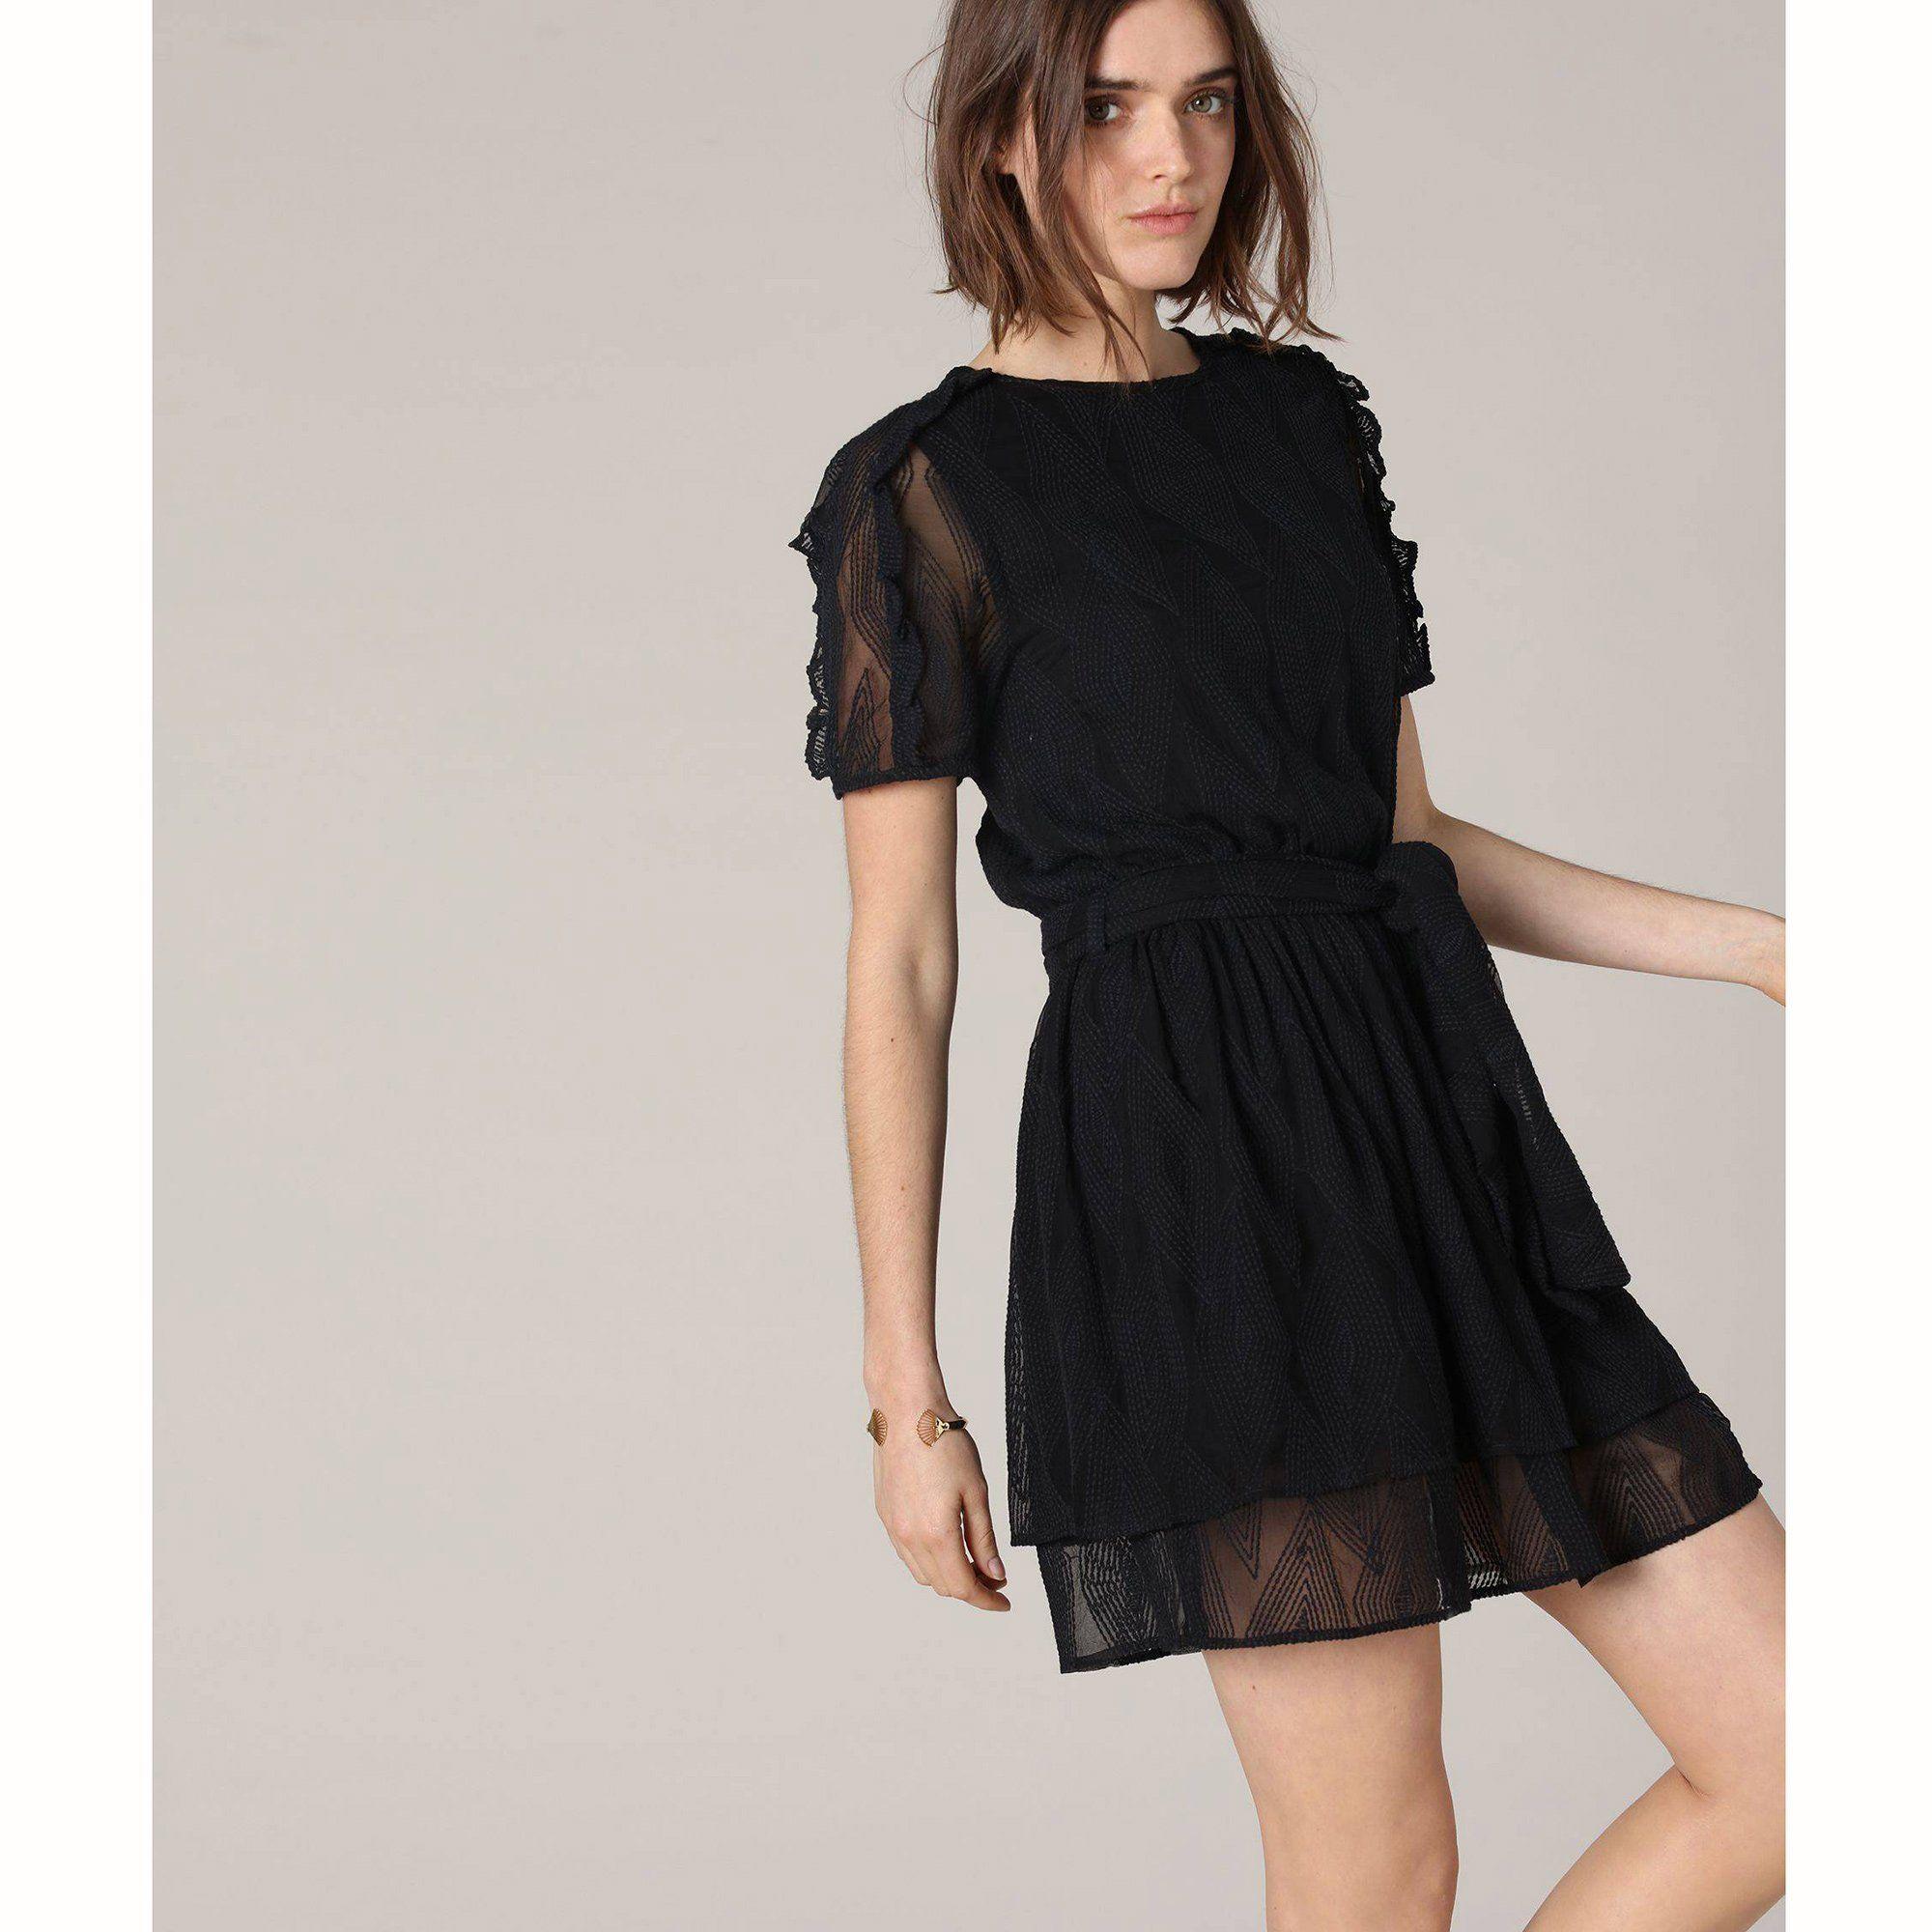 25 robes noires tendance printemps-été 2019